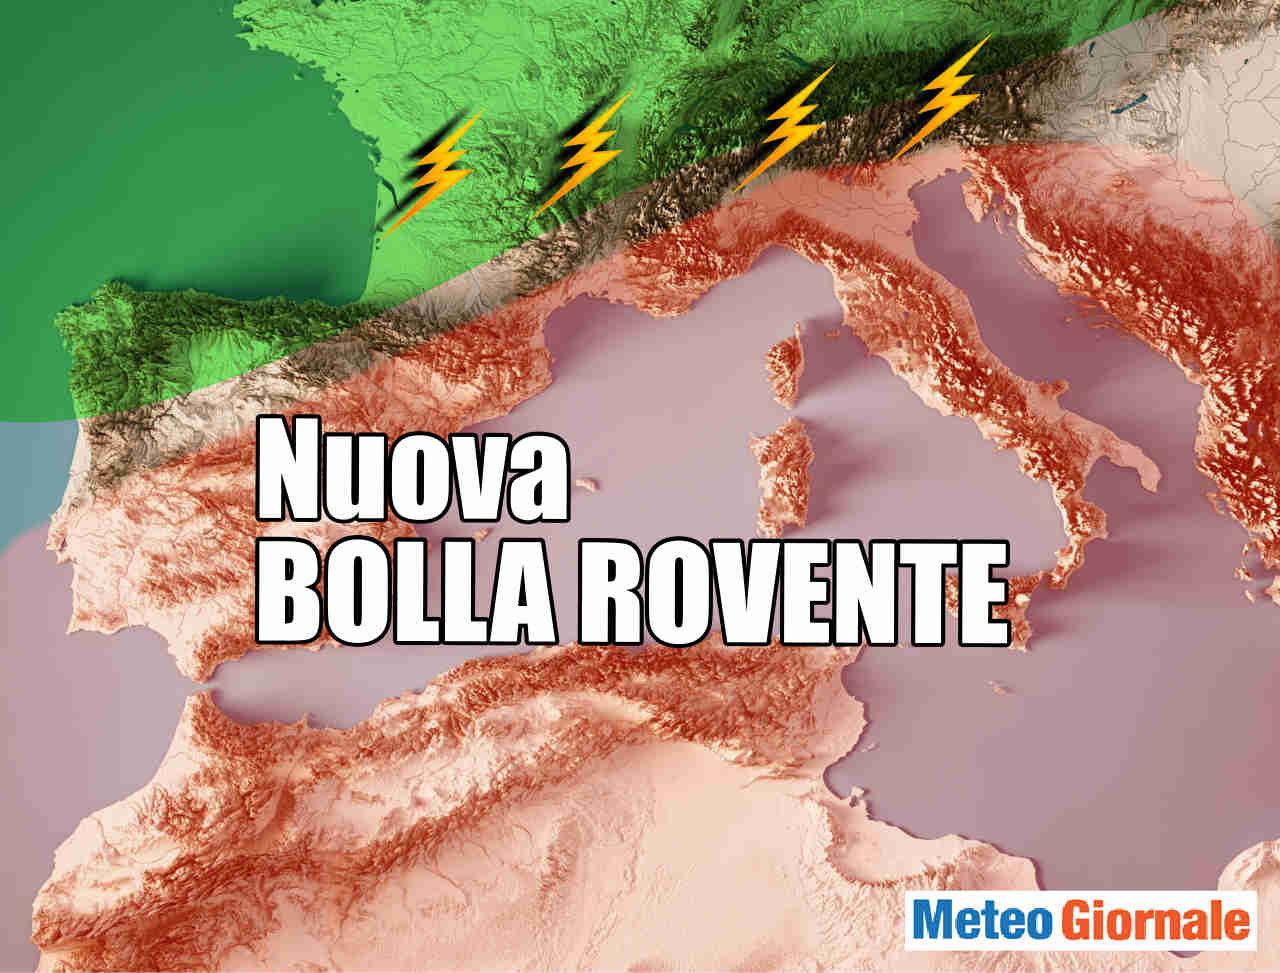 Meteo 15 giorni: 2 BOLLE D'ARIA CALDA, dopo Ferragosto sino 45°C